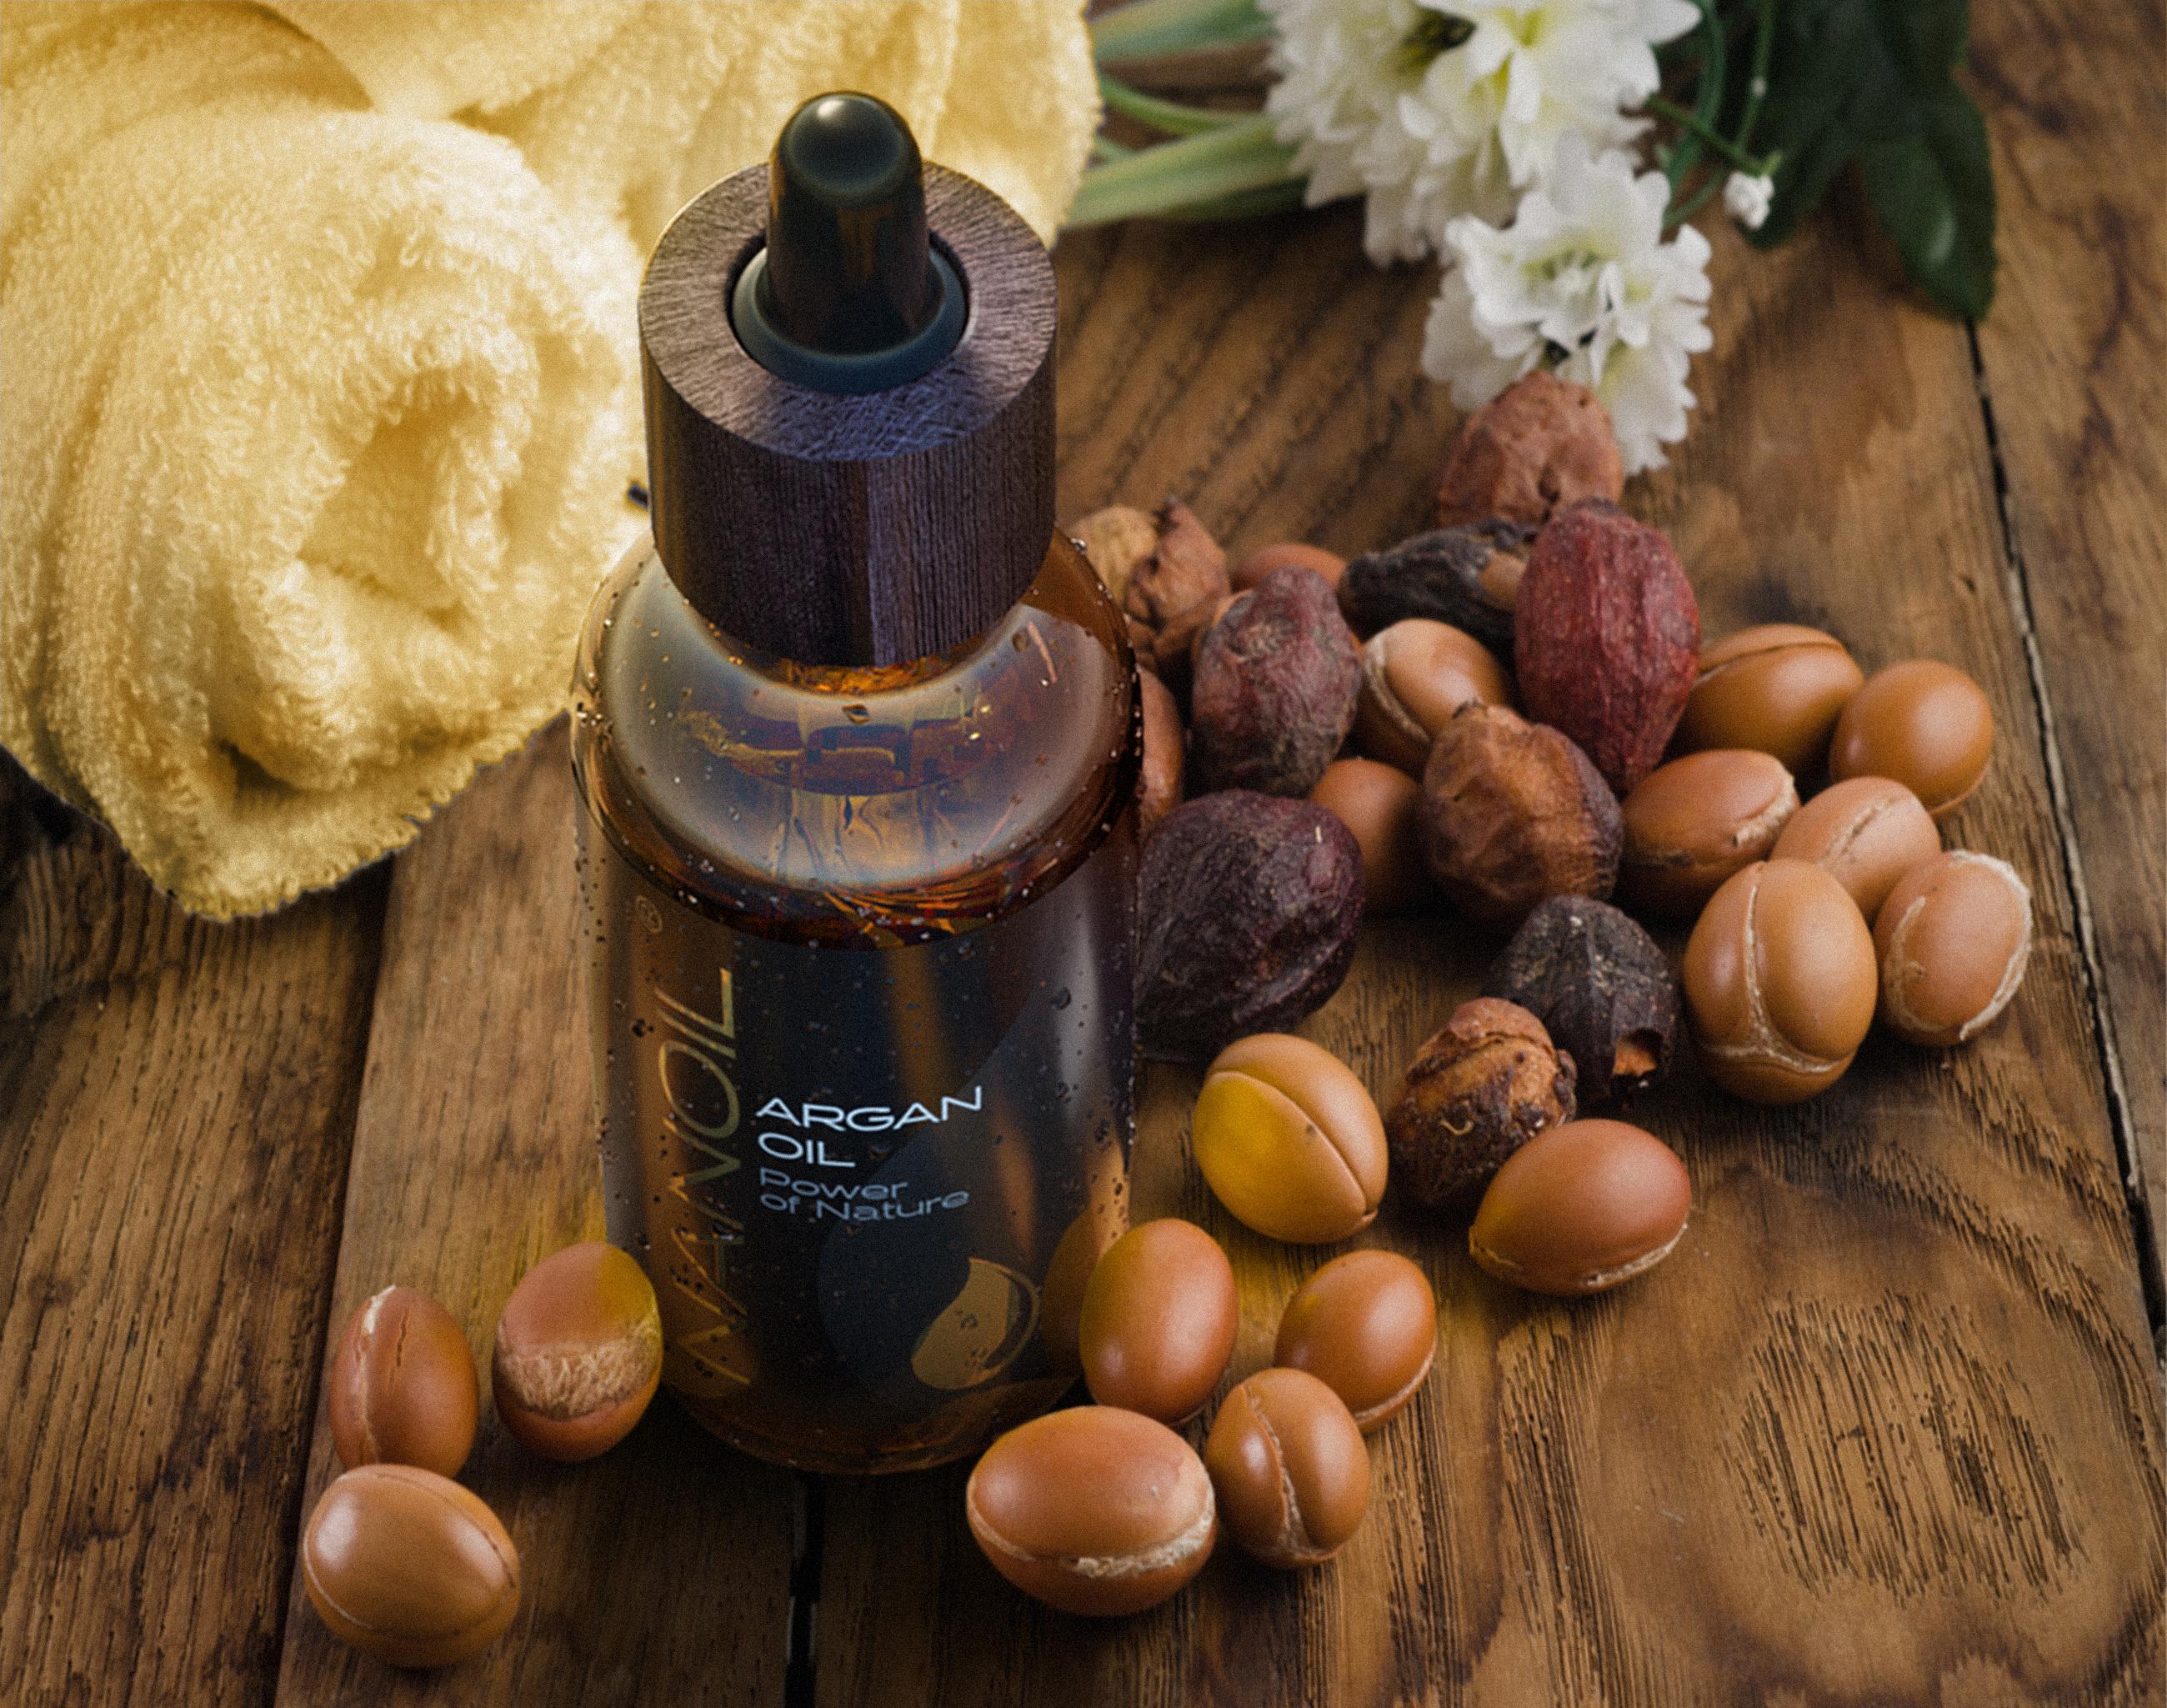 Arganöl von Nanoil für schöne Haare